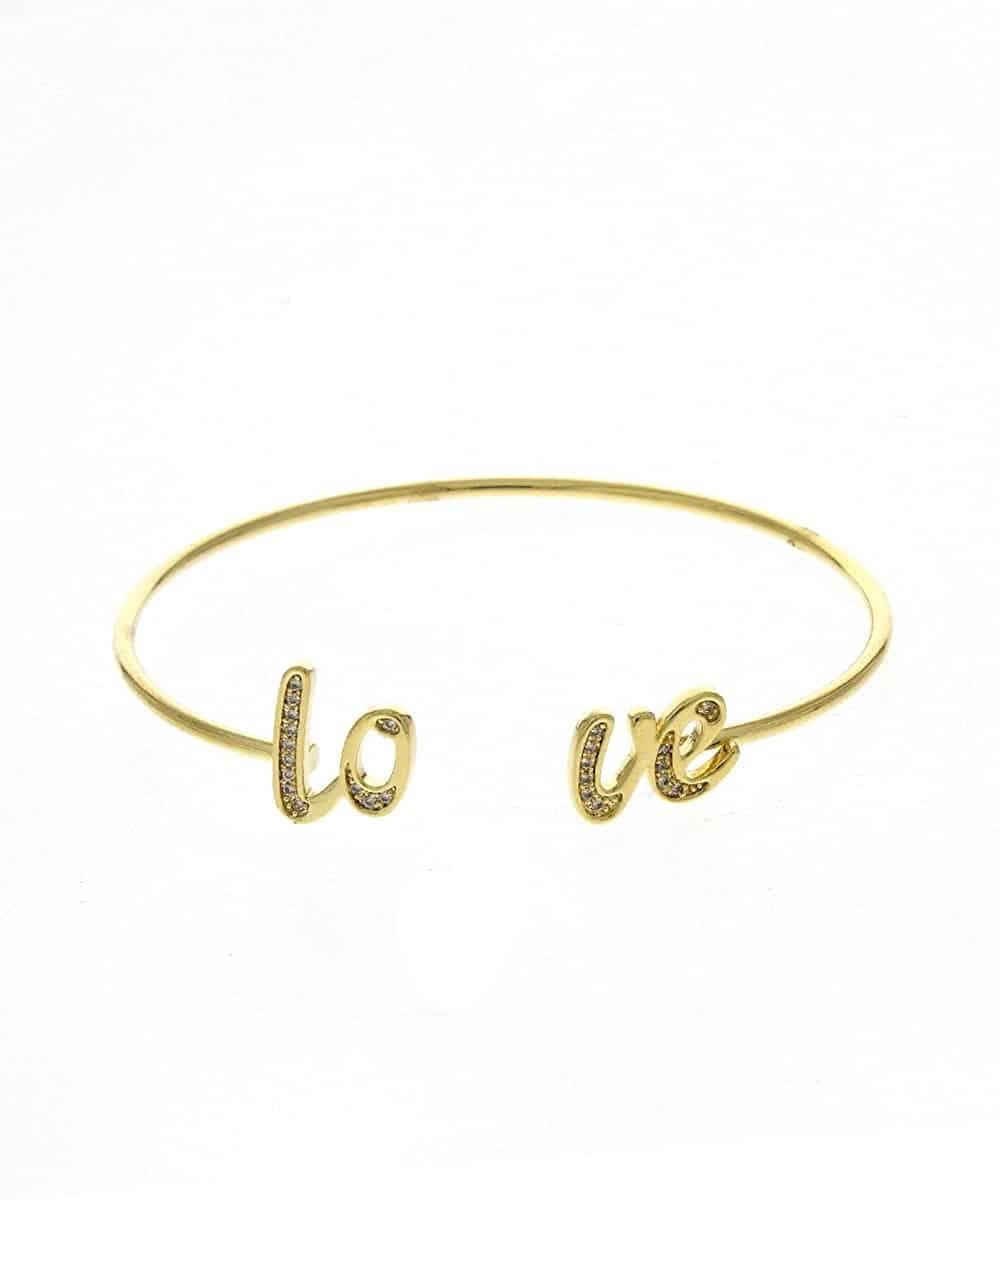 Anuradha Art Golden Finish Love Inspired Very Classy Adjustable Kada//Hand Bracelet for Women//Girls